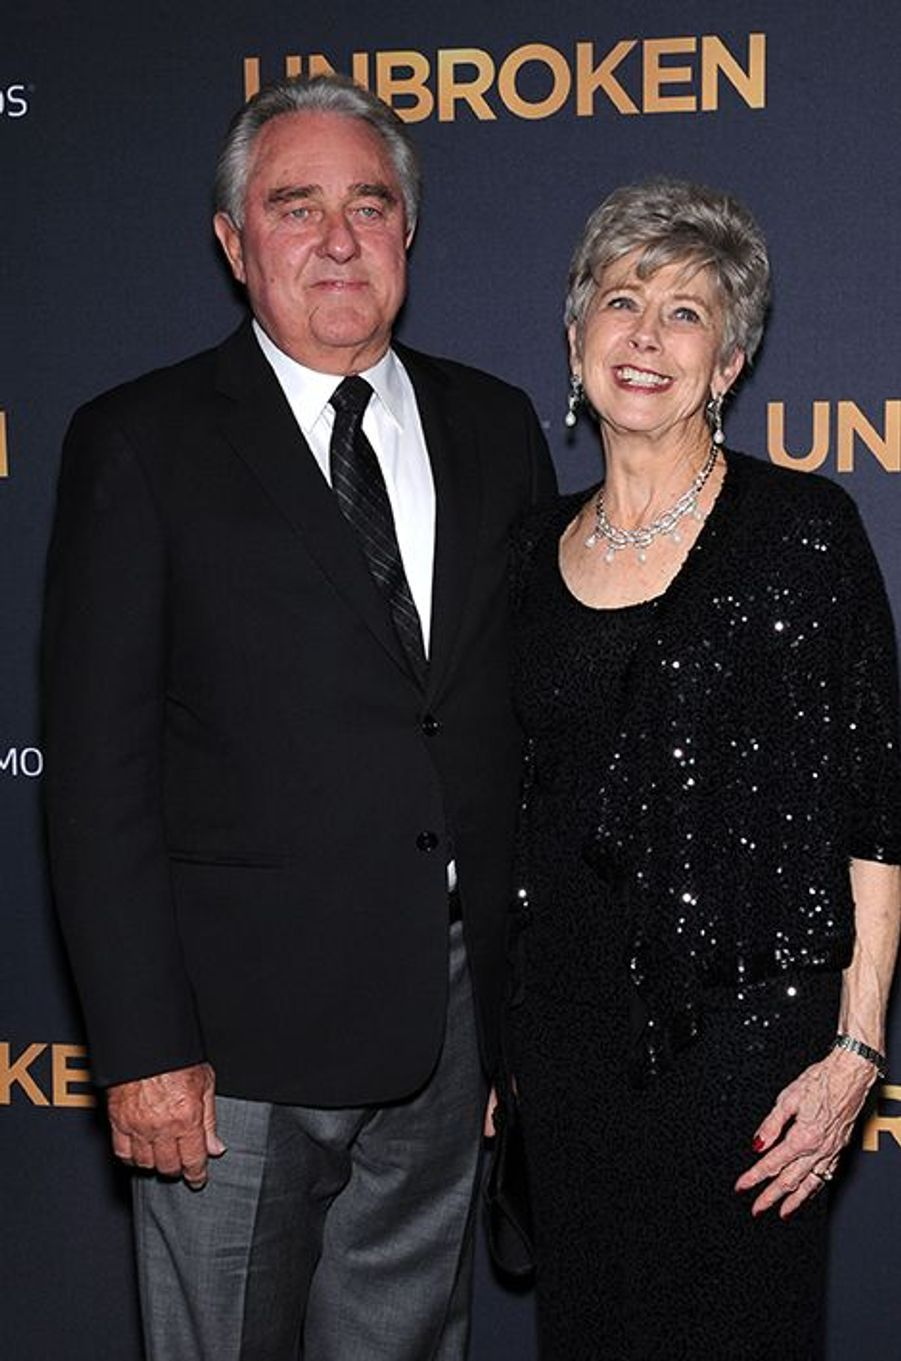 William et Jane Pitt à Los Angeles le 15 décembre 2014